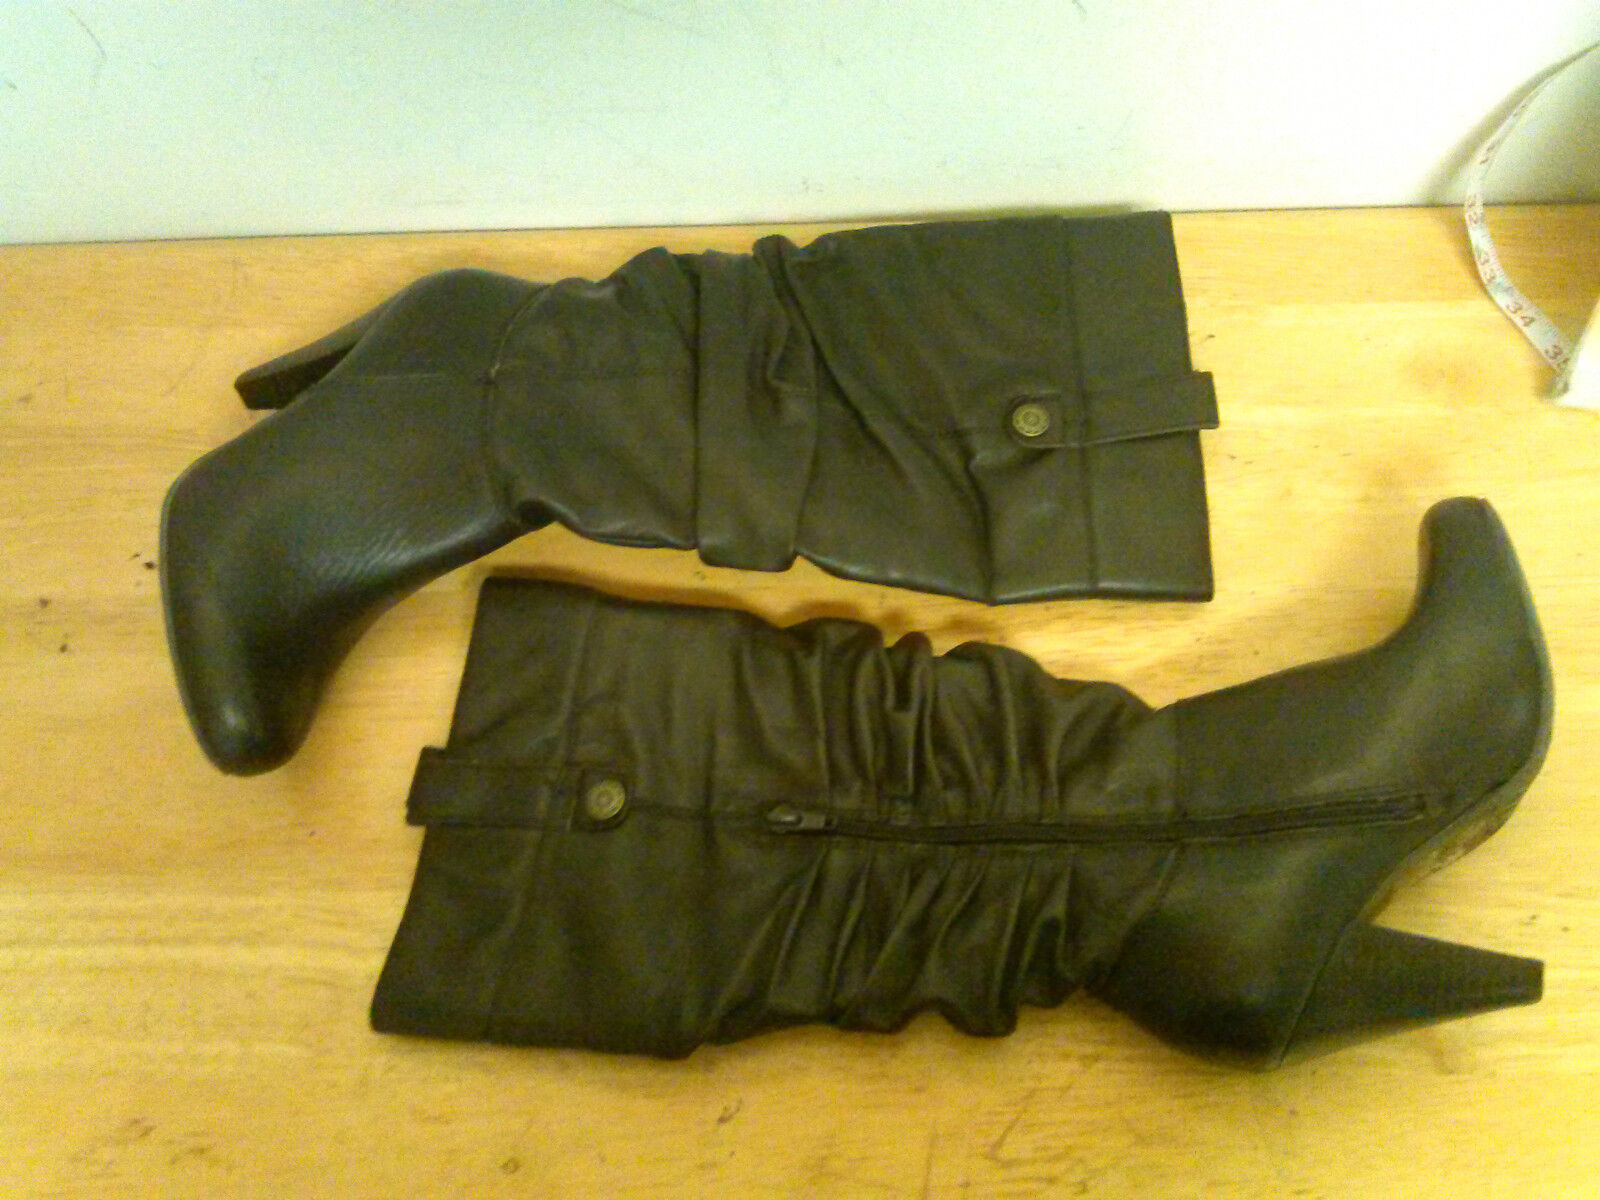 Arturo Chiang NEU Damenschuhe Delaunay Braun Stiefel 6.5 M Schuhes NWOB